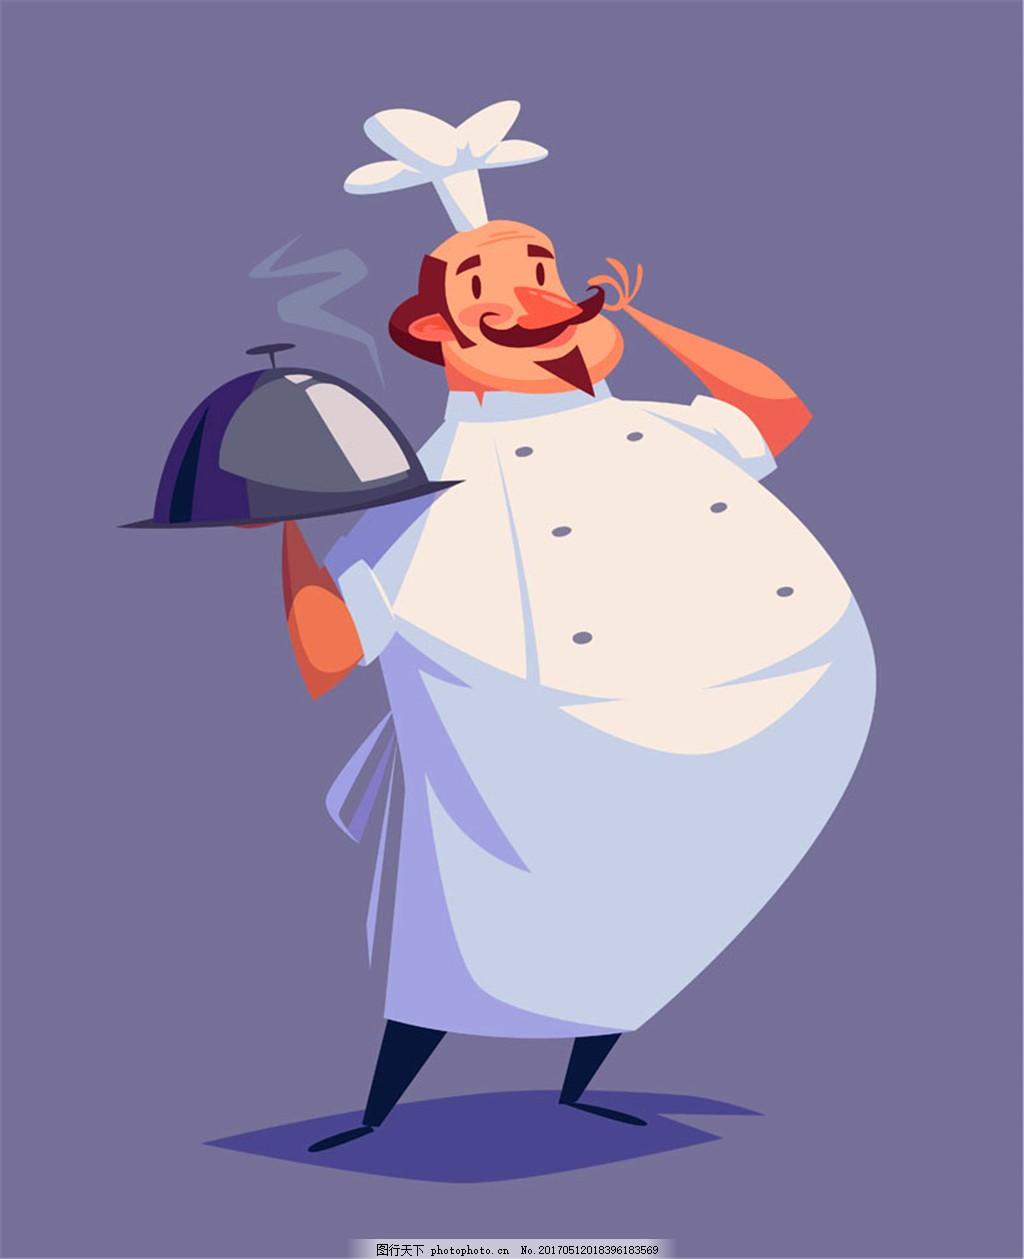 托盘子胖厨师 卡通 可爱 eps 素材免费下载 矢量 插画 盘子 厨师 白色